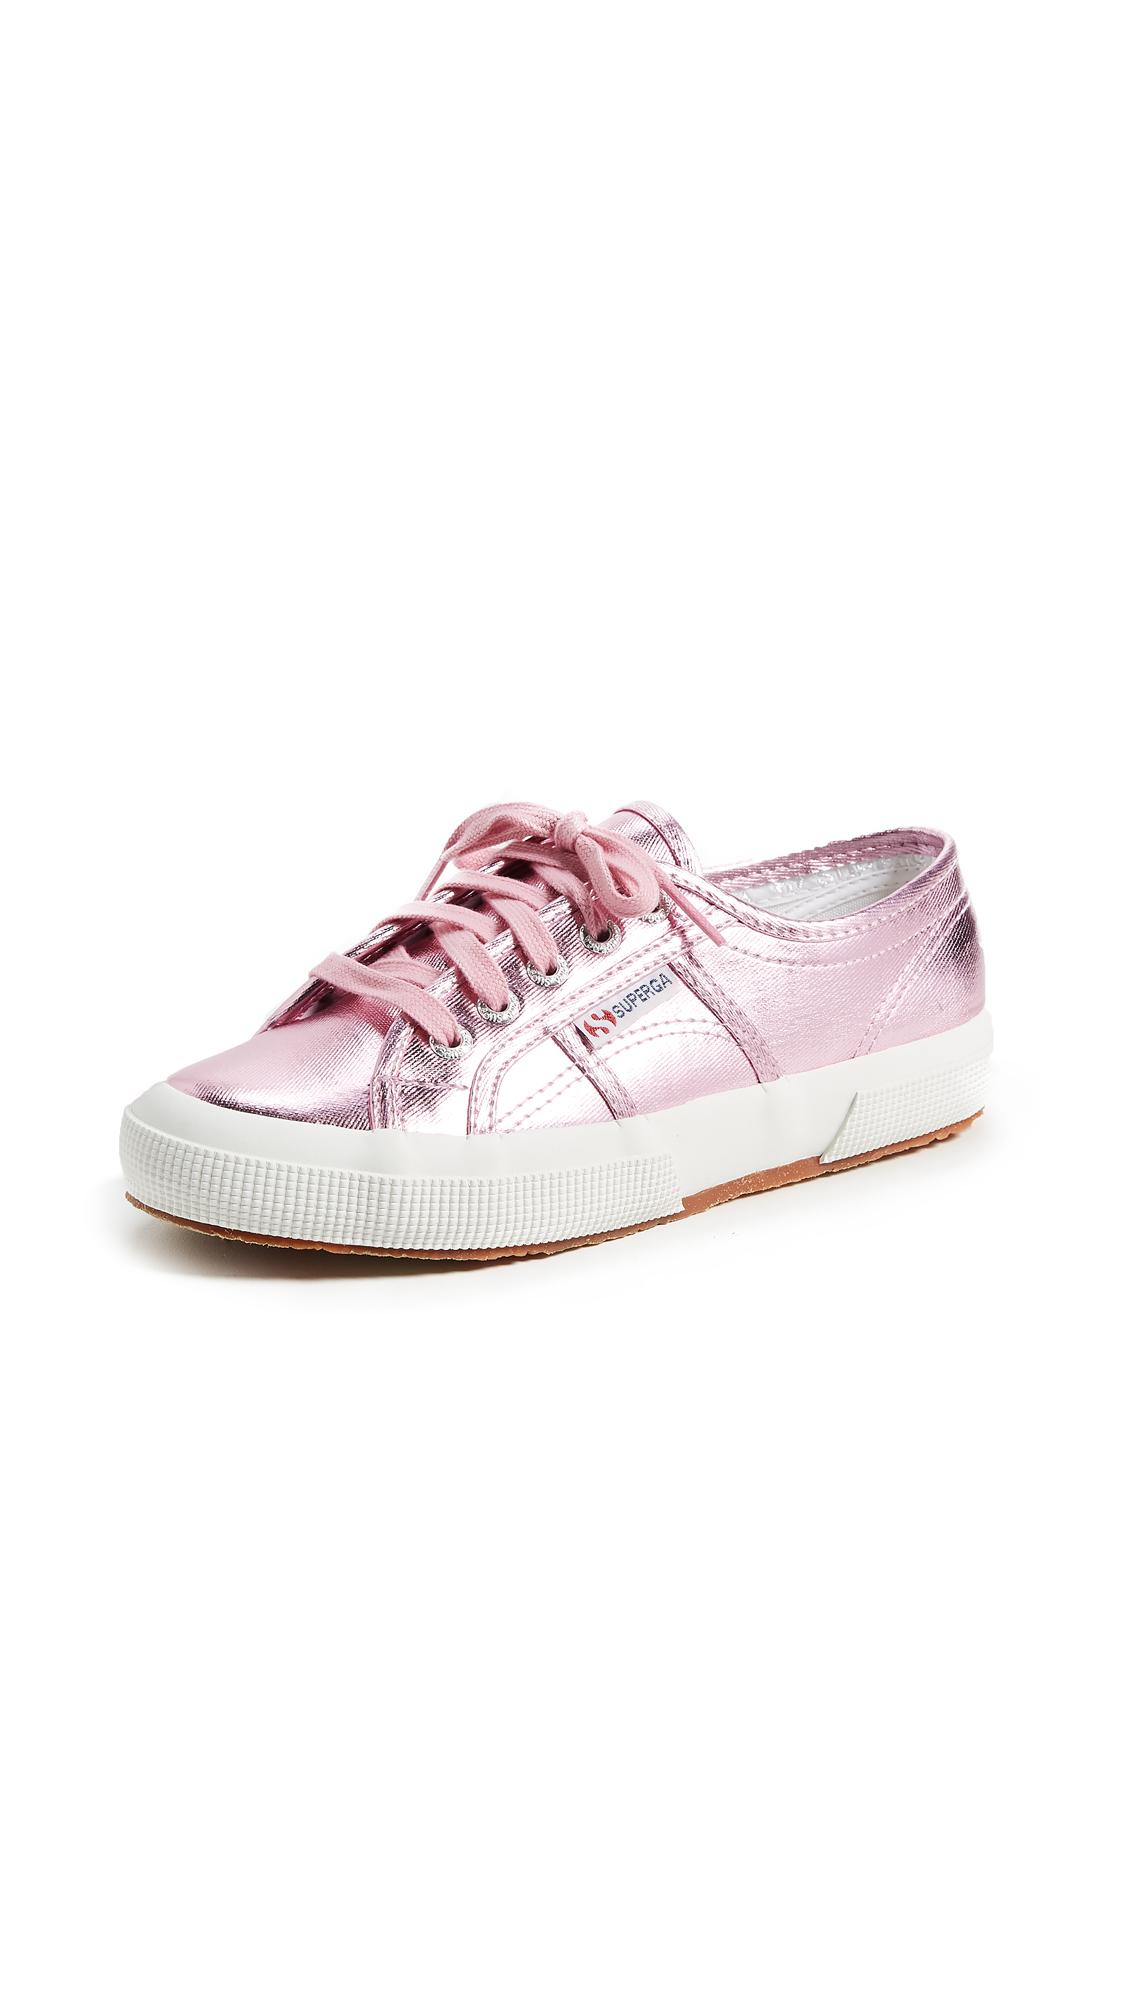 Superga 2750 COTU Metallic Sneakers - Pink